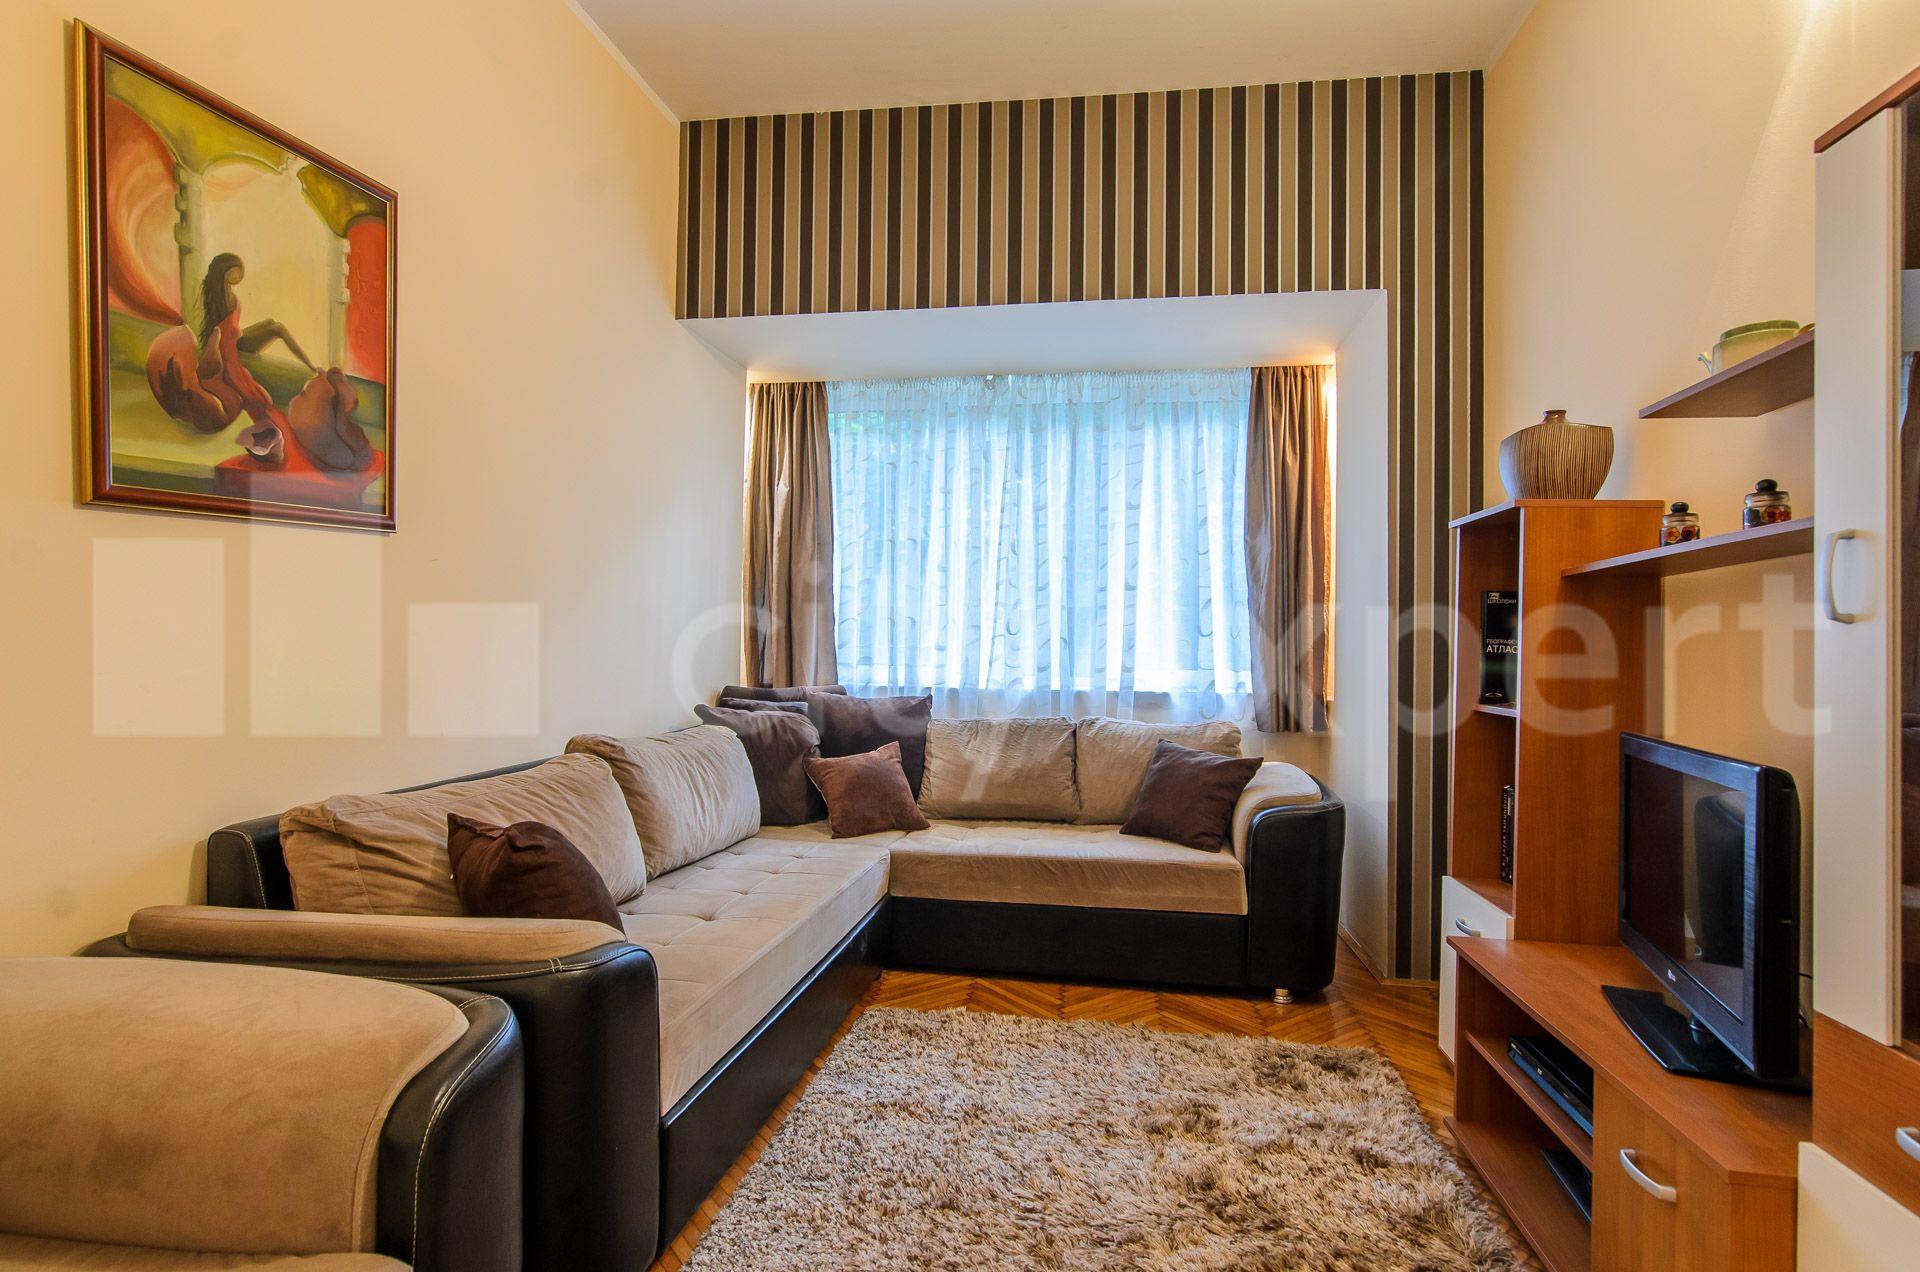 Sale, Apartment, Sremskih Odreda, Novi Beograd  Id 32536 -